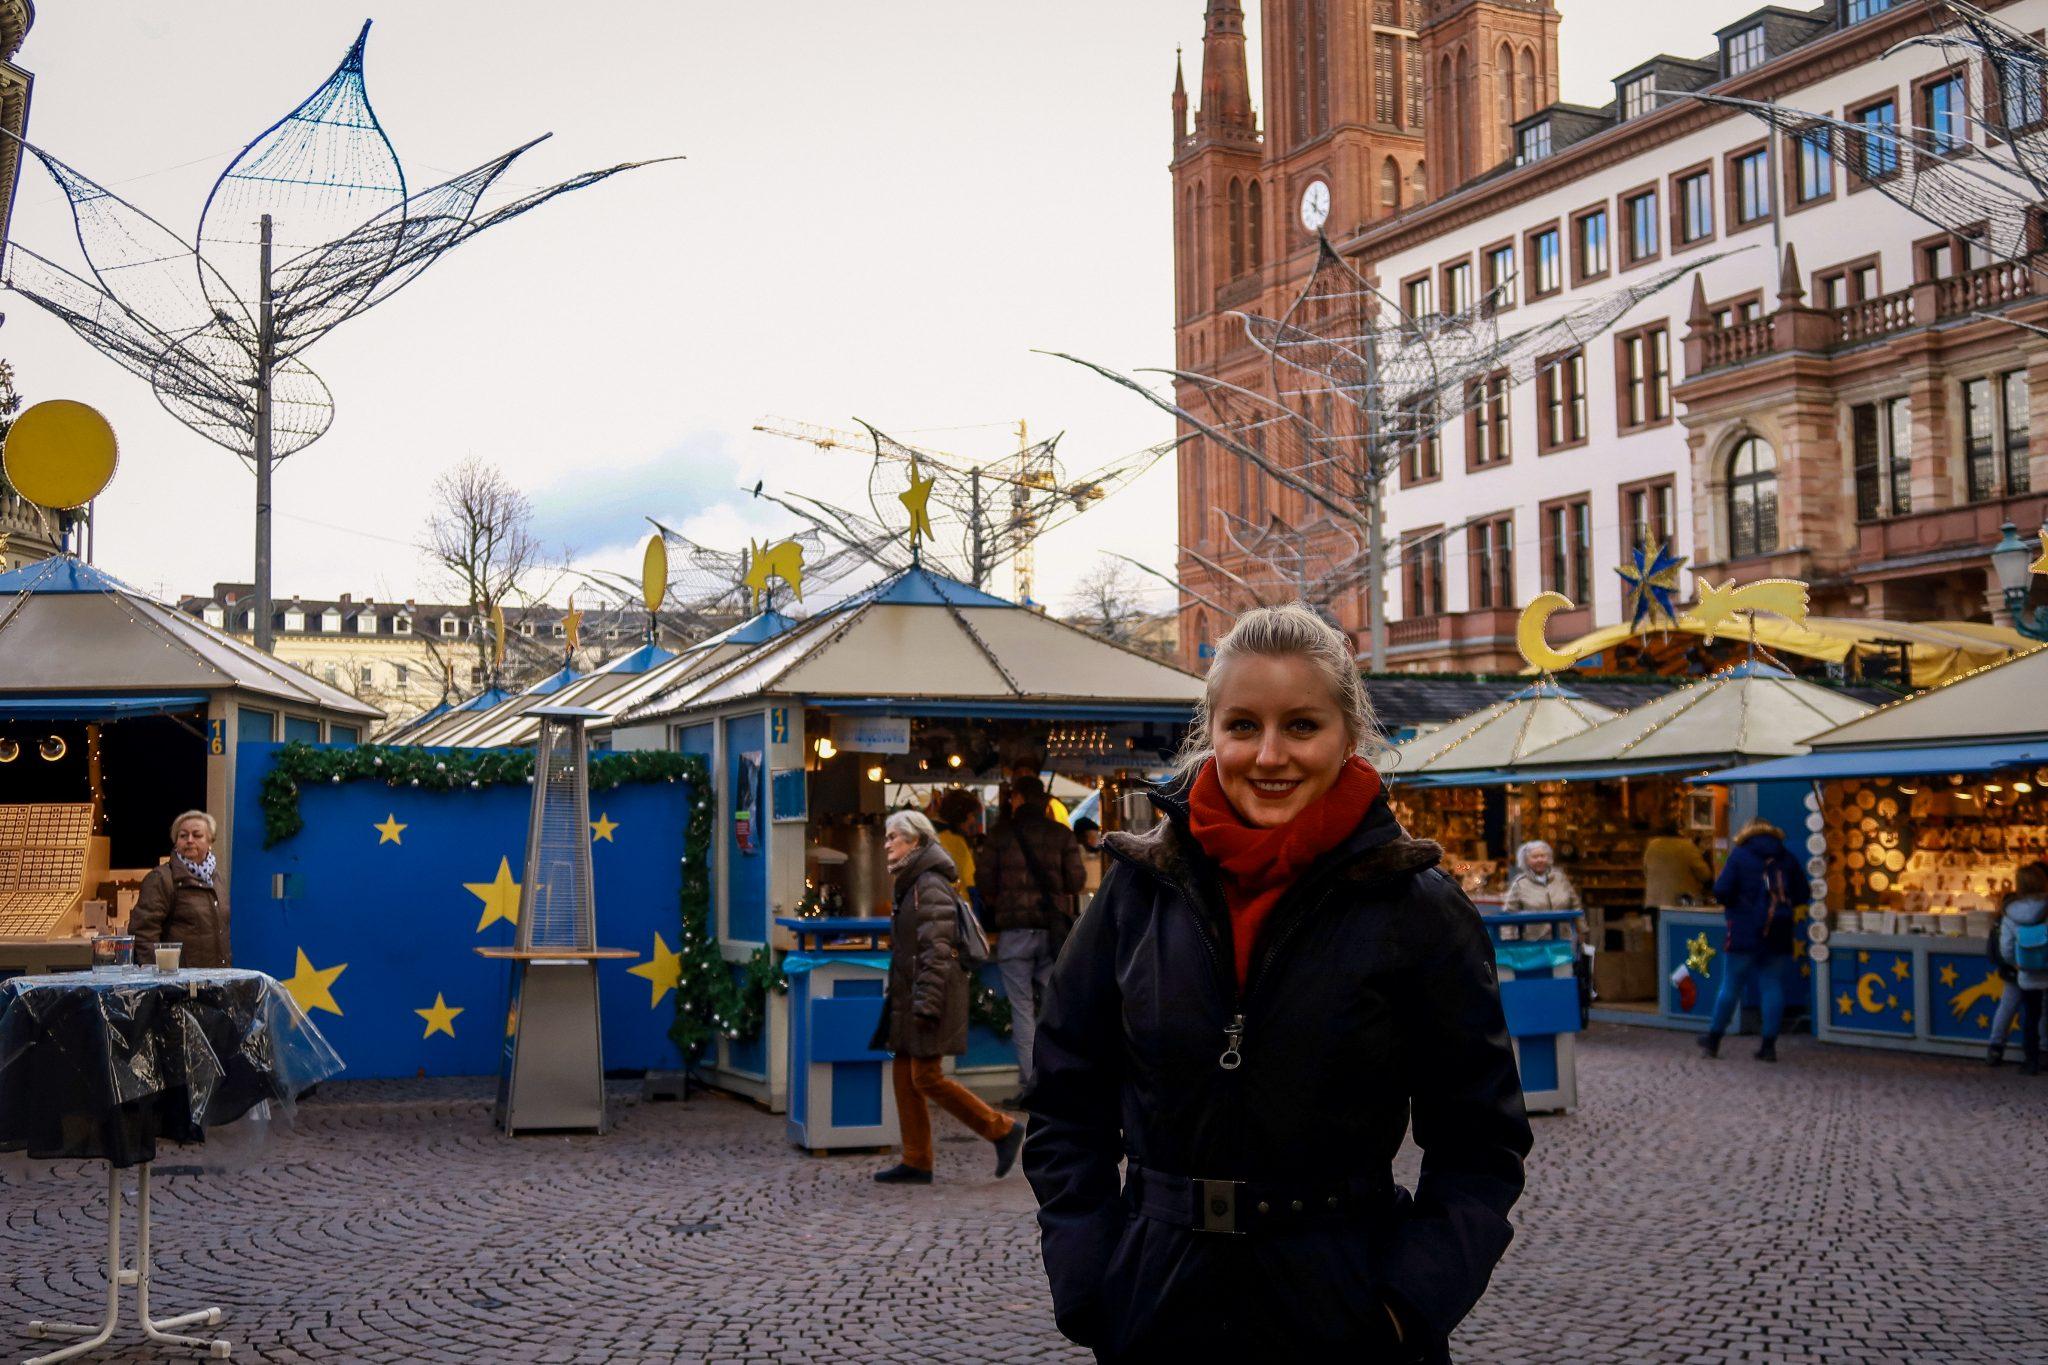 Wiesbaden, Sternschnuppenmarkt: Auf dem Schlossplatz zwischen dem Hessischen Landtag und dem Rathaus sowie rund um die Marktkirche findet er statt.